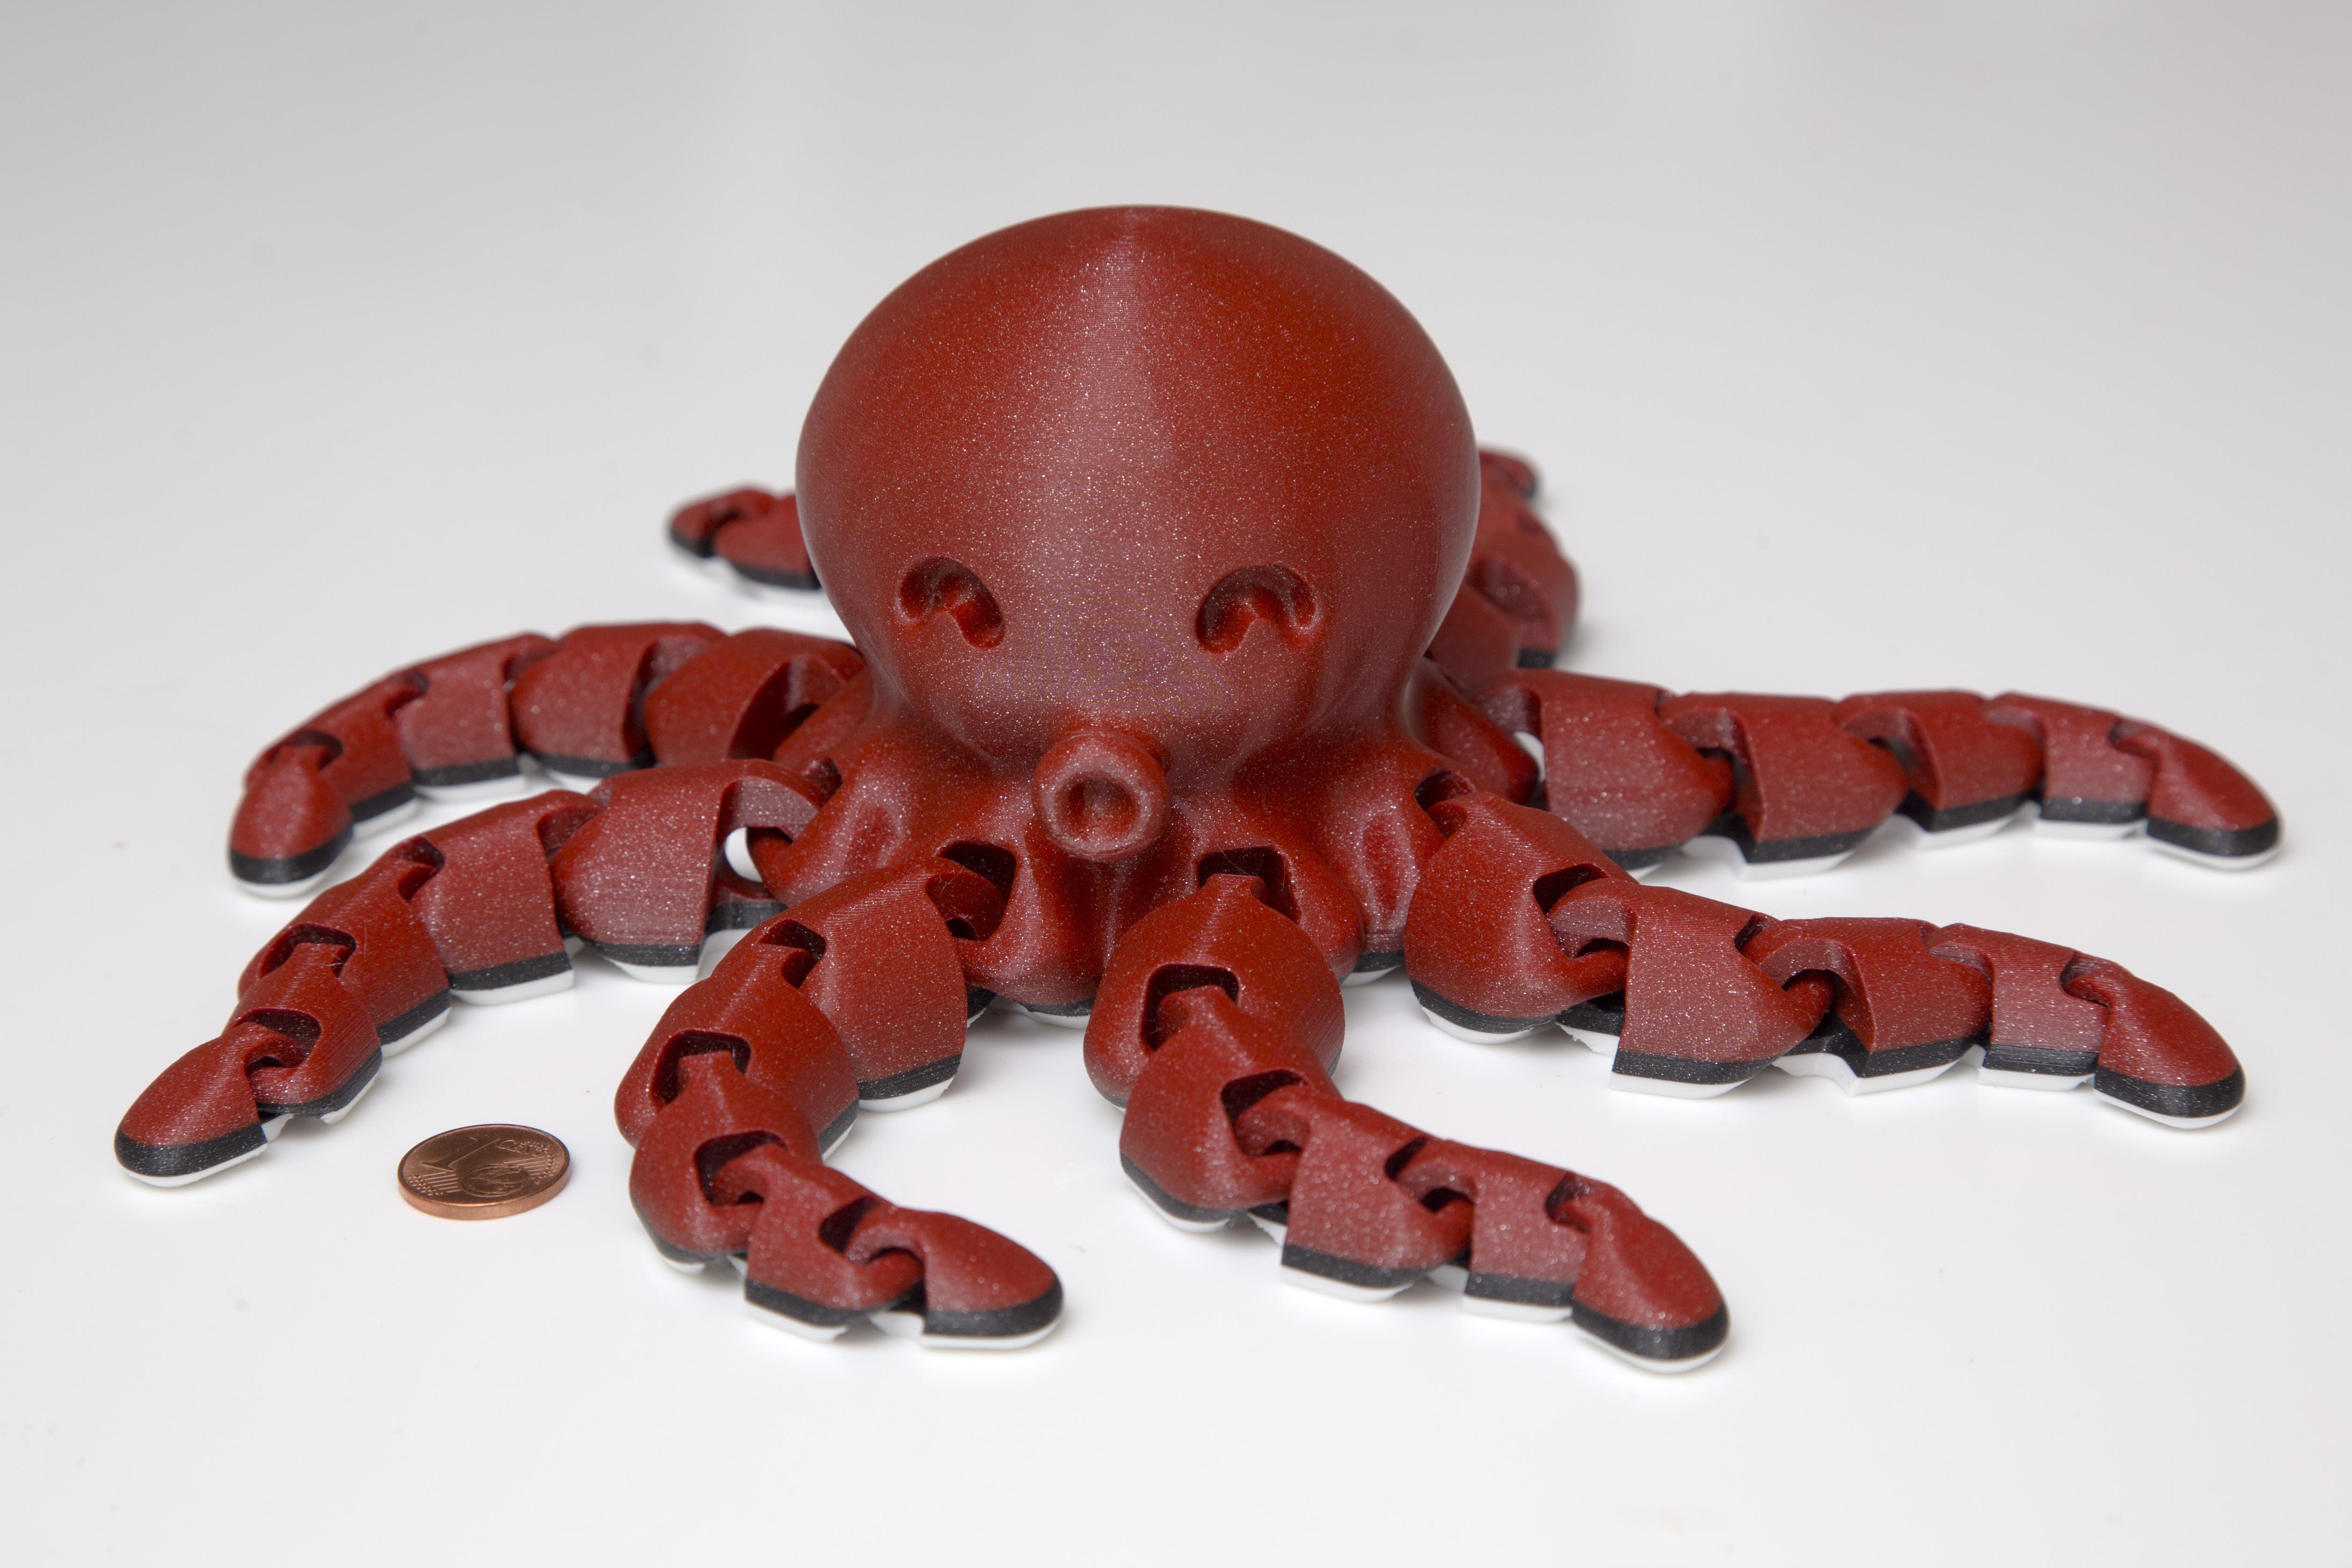 Télécharger fichier STL gratuit Jolie pieuvre miniature • Modèle pour imprimante 3D, VladimirJonas